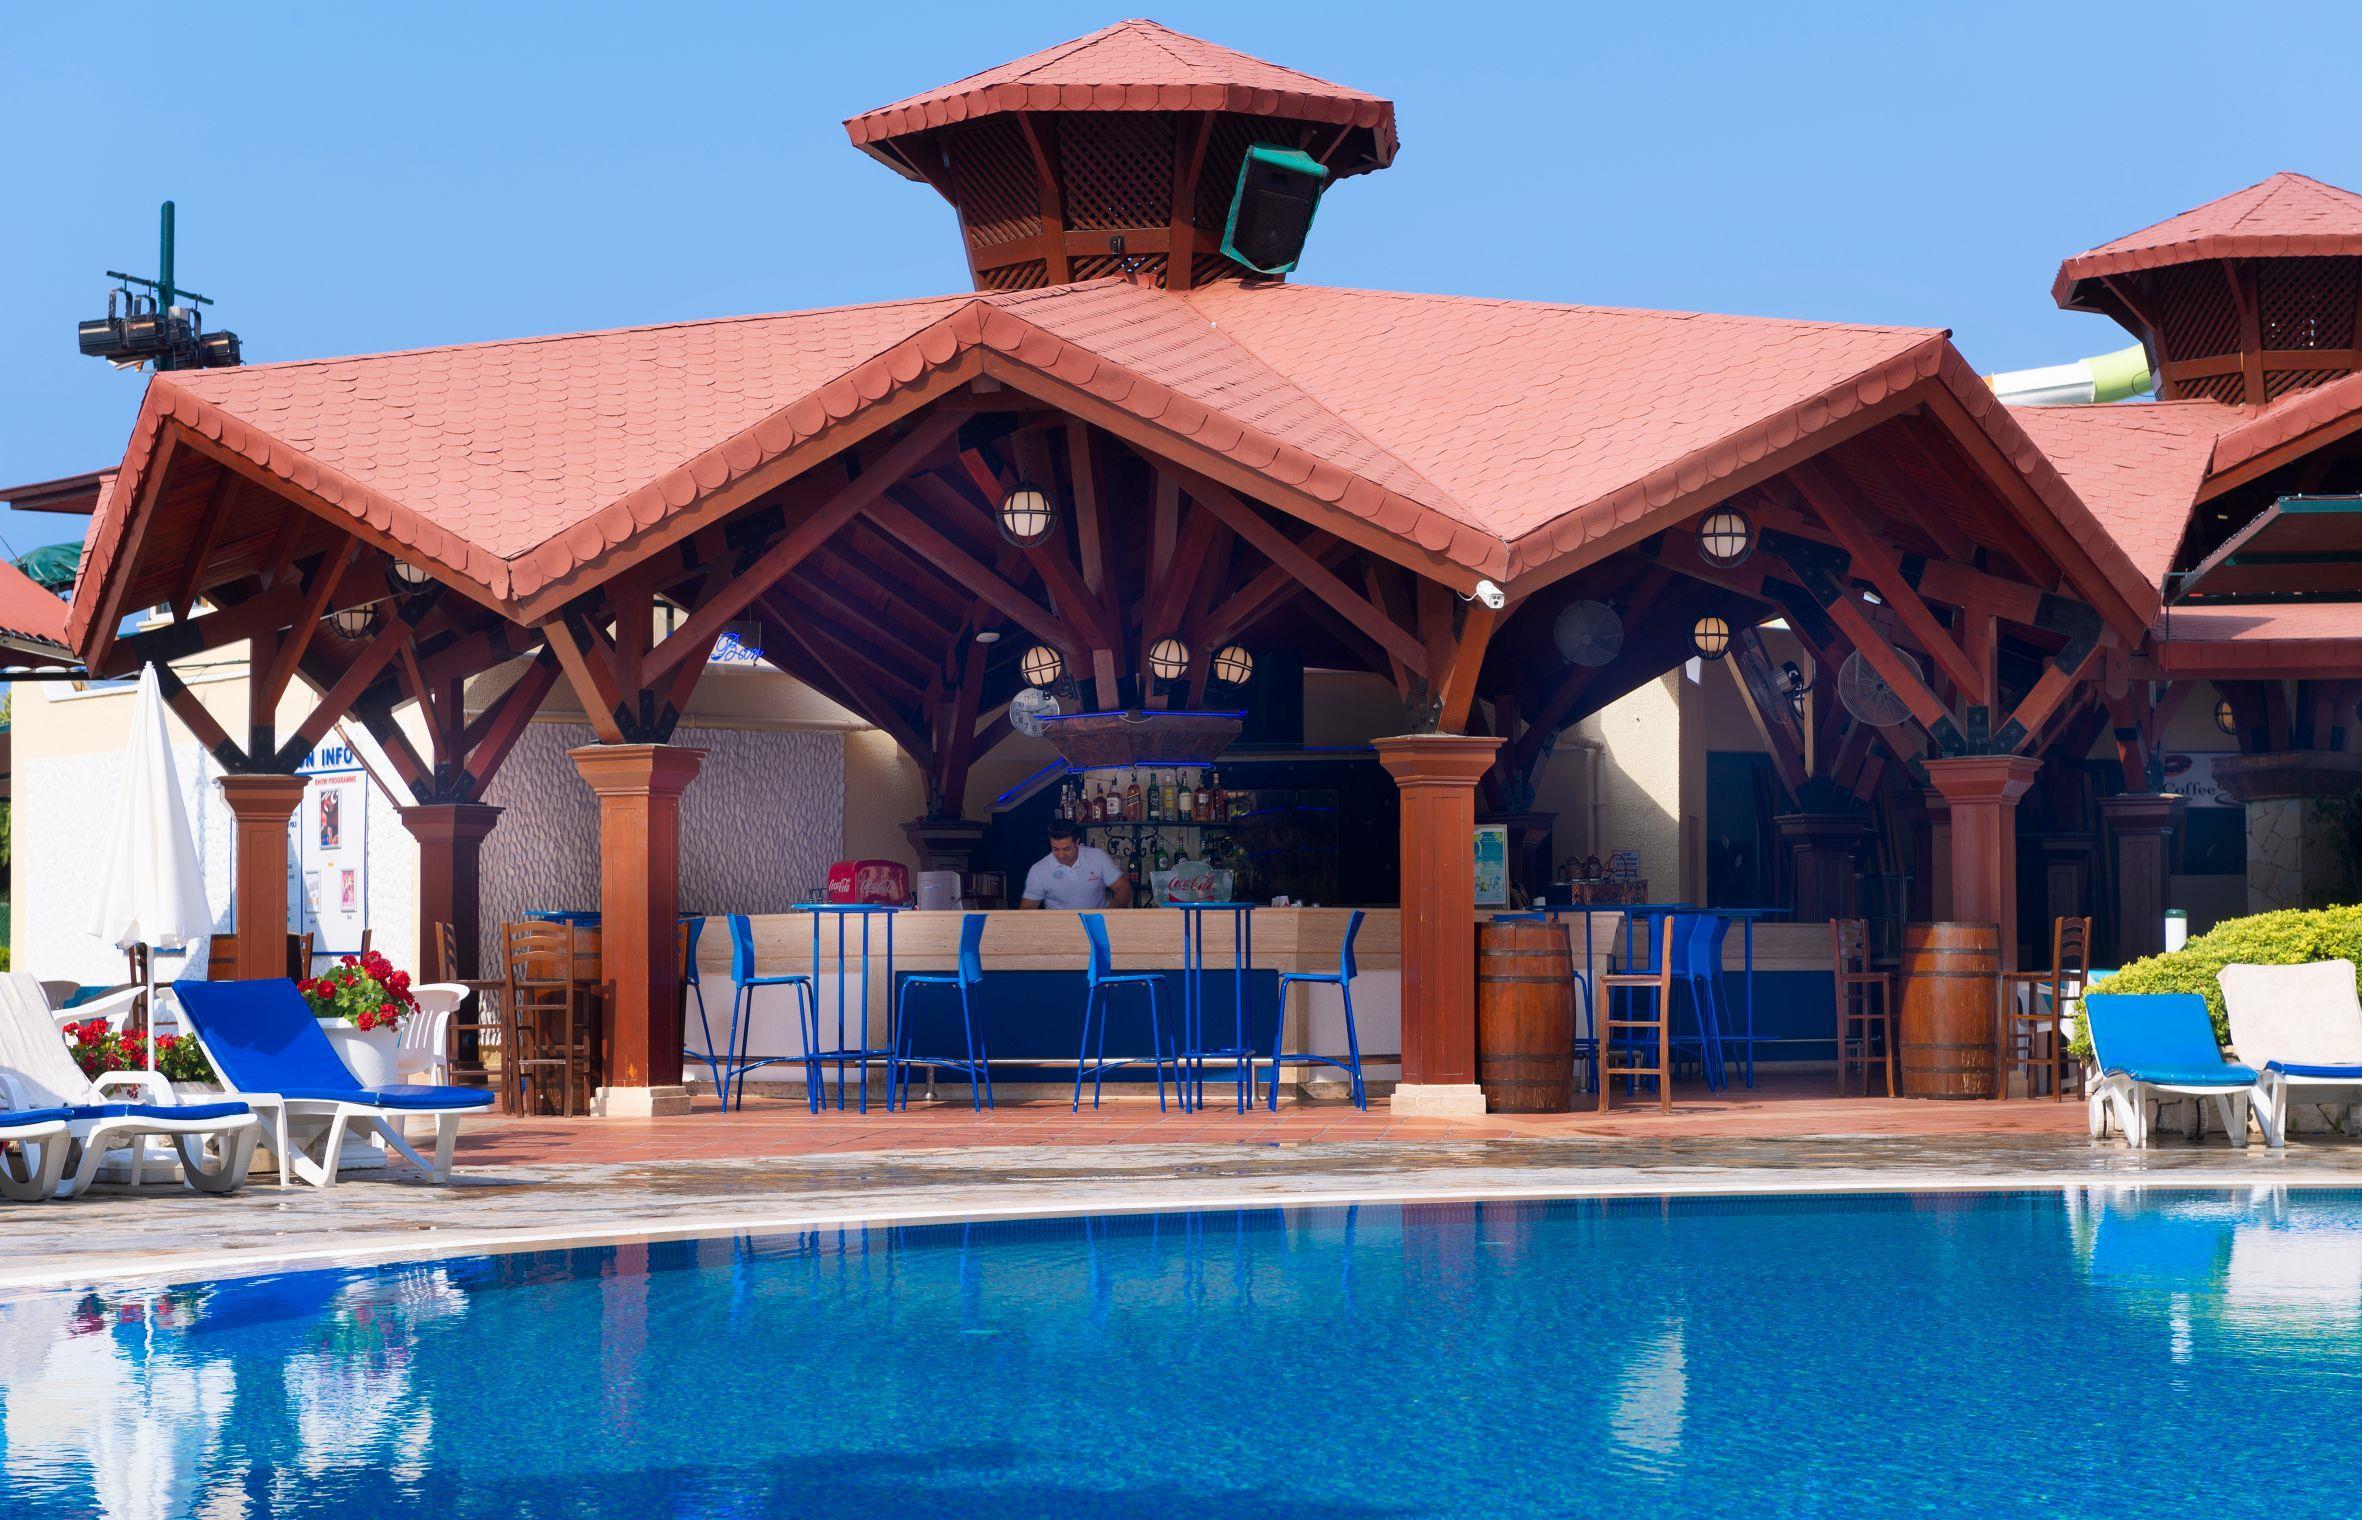 http://www.orextravel.sk/OREX/hotelphotos/miramare-queen-hotel-general-0061.jpg